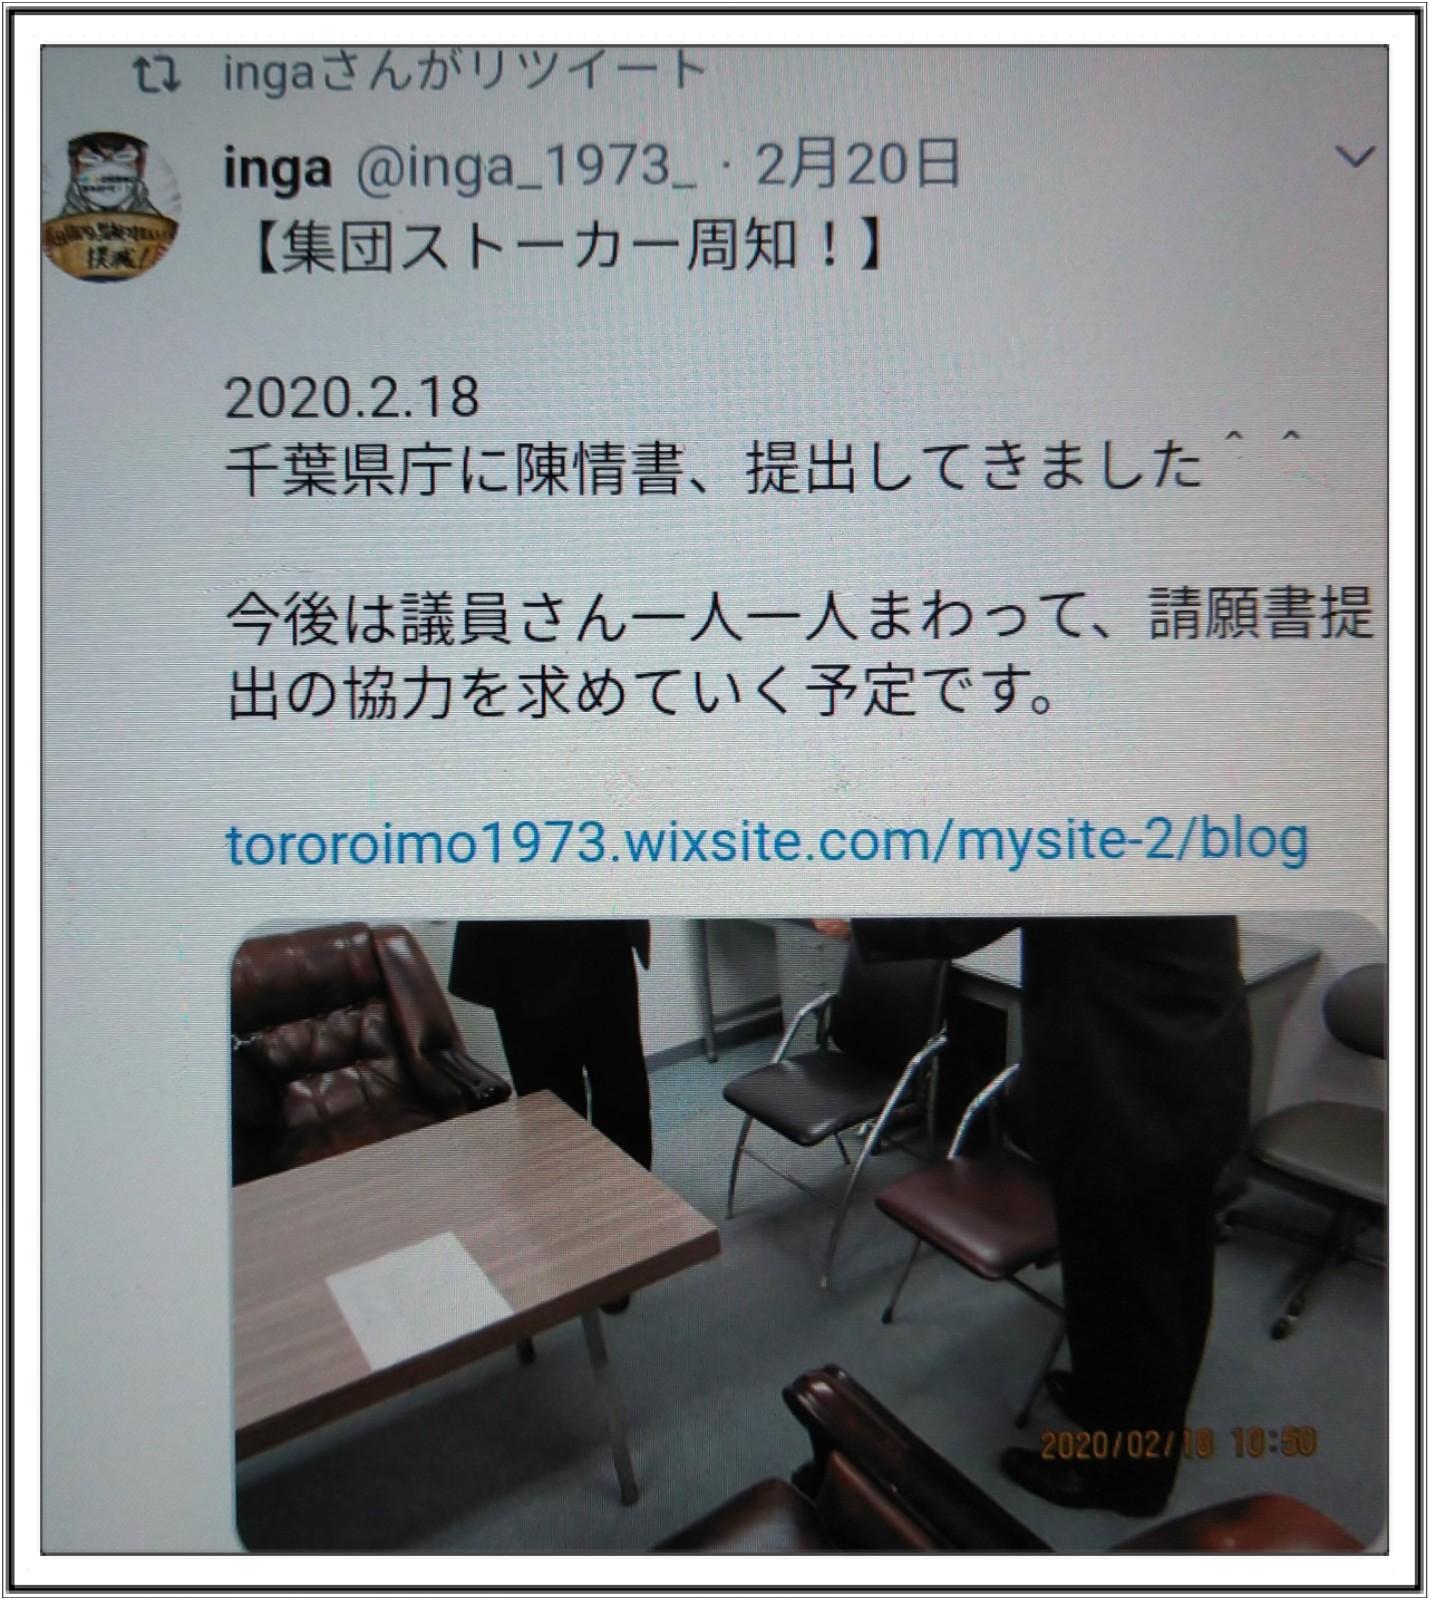 千葉県庁陳情